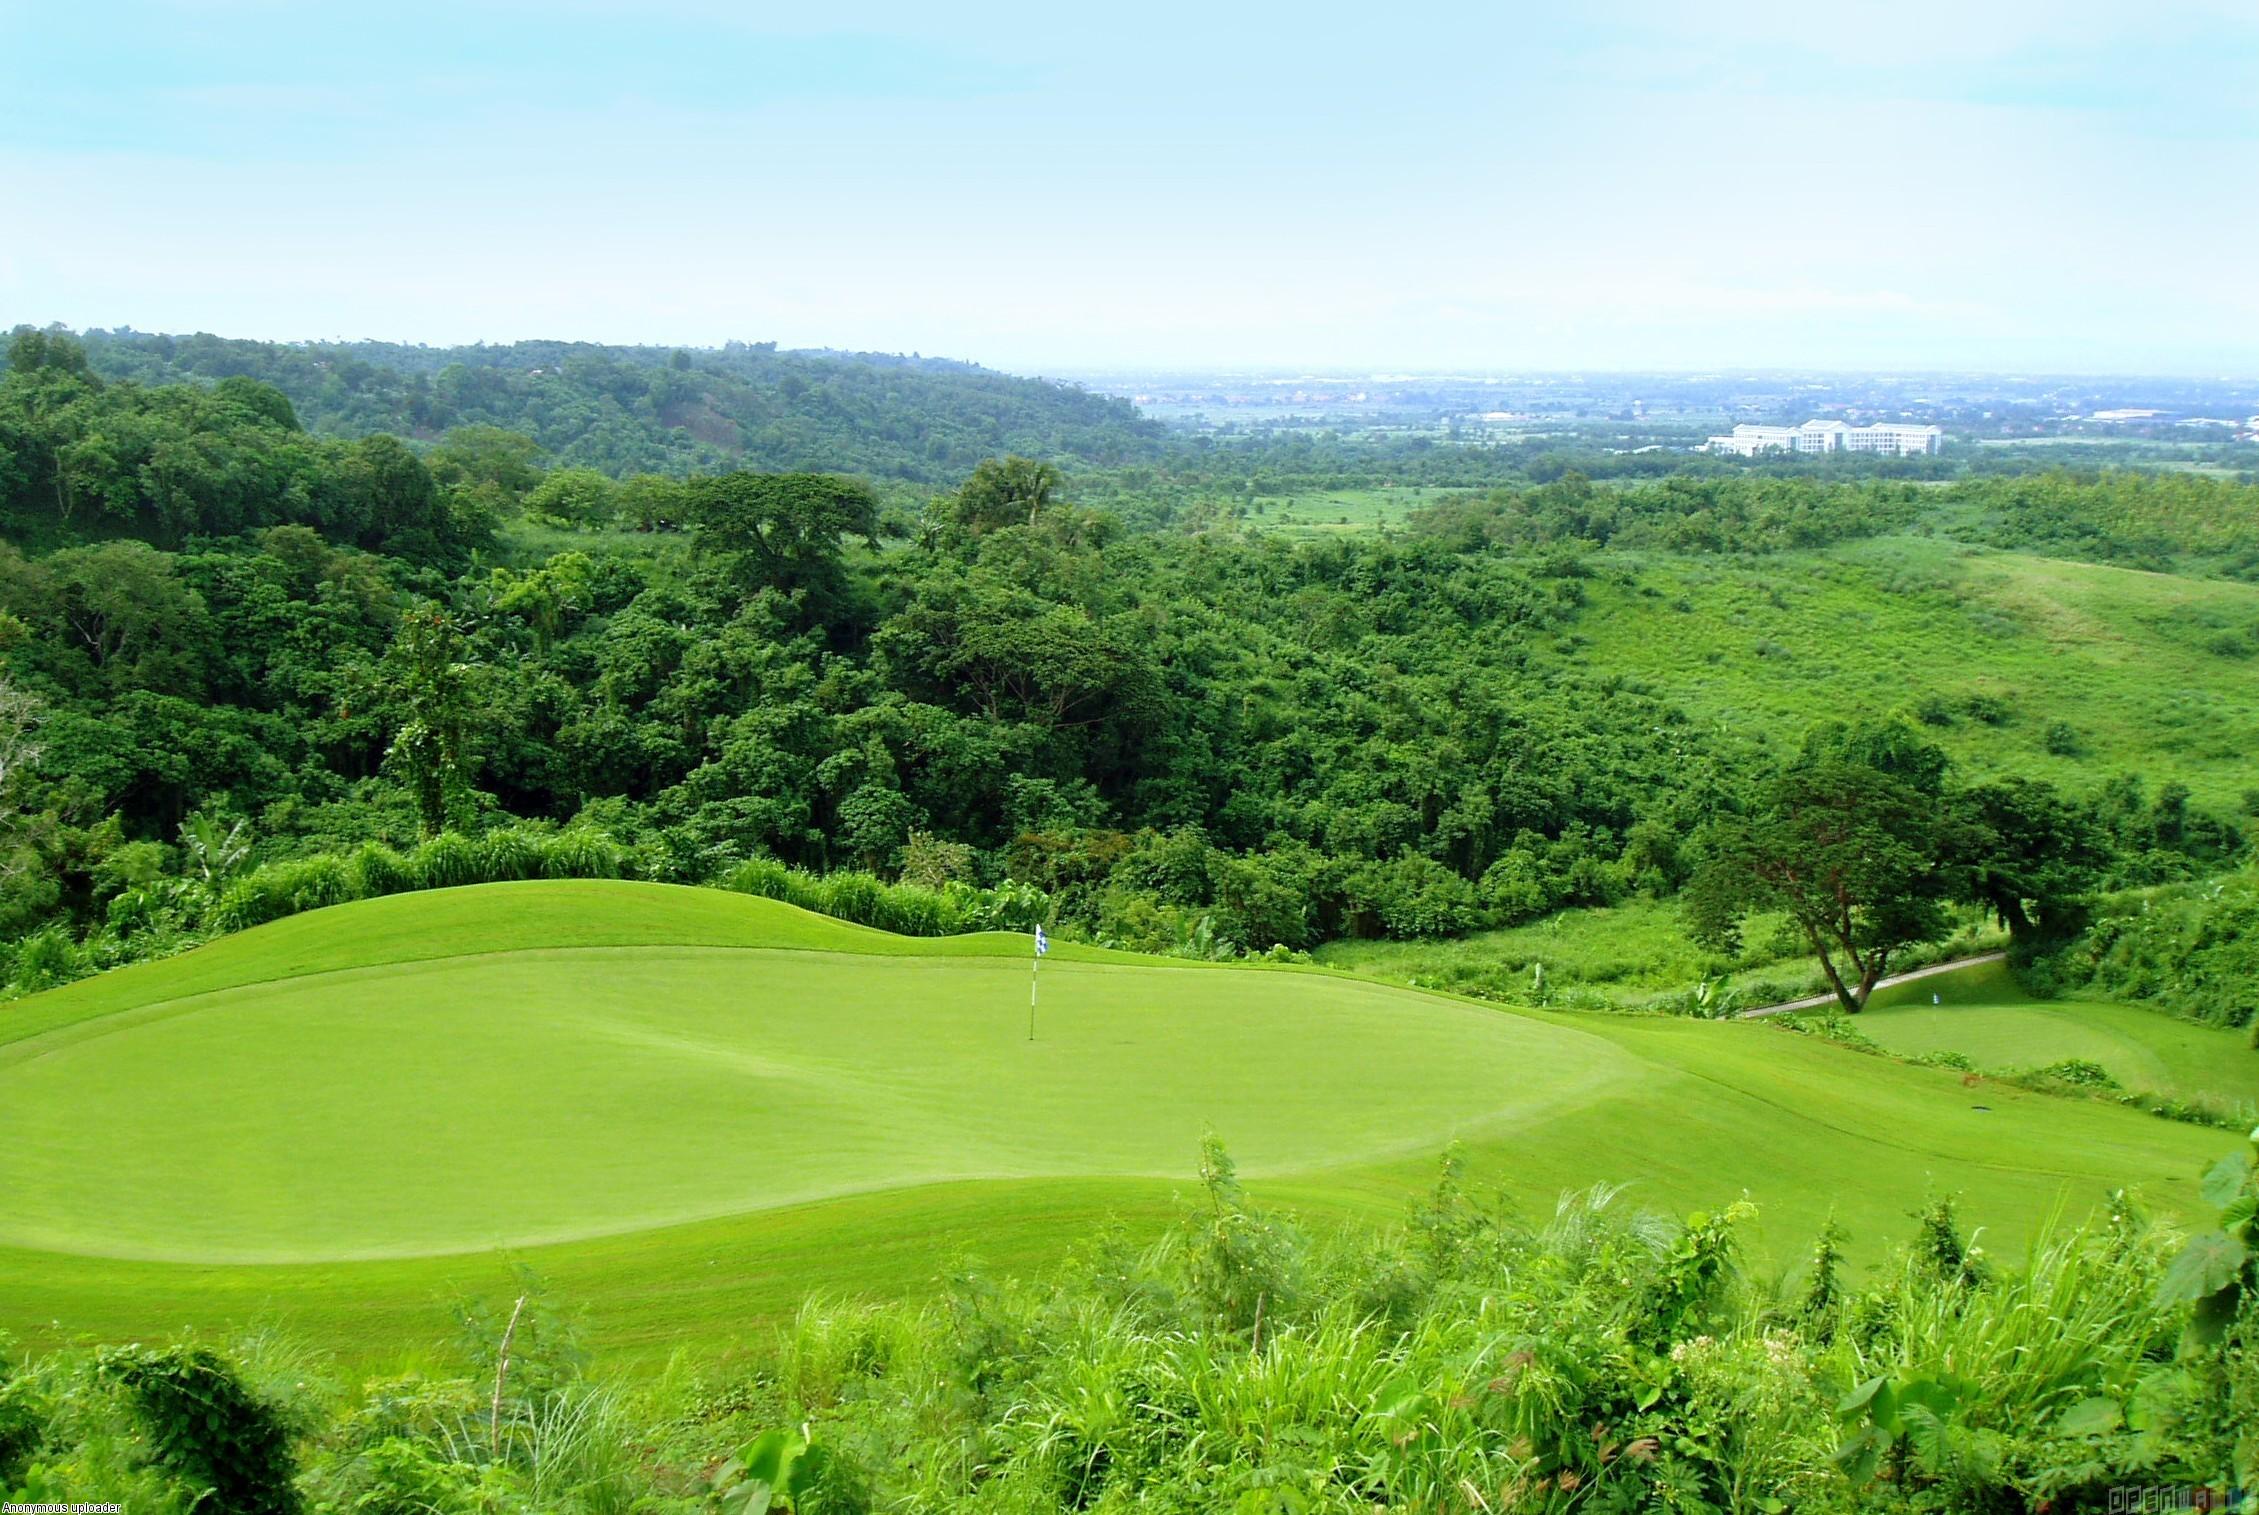 High Resolution Golf Course Wallpaper Golf Wallpapers Quiet 2259x1515